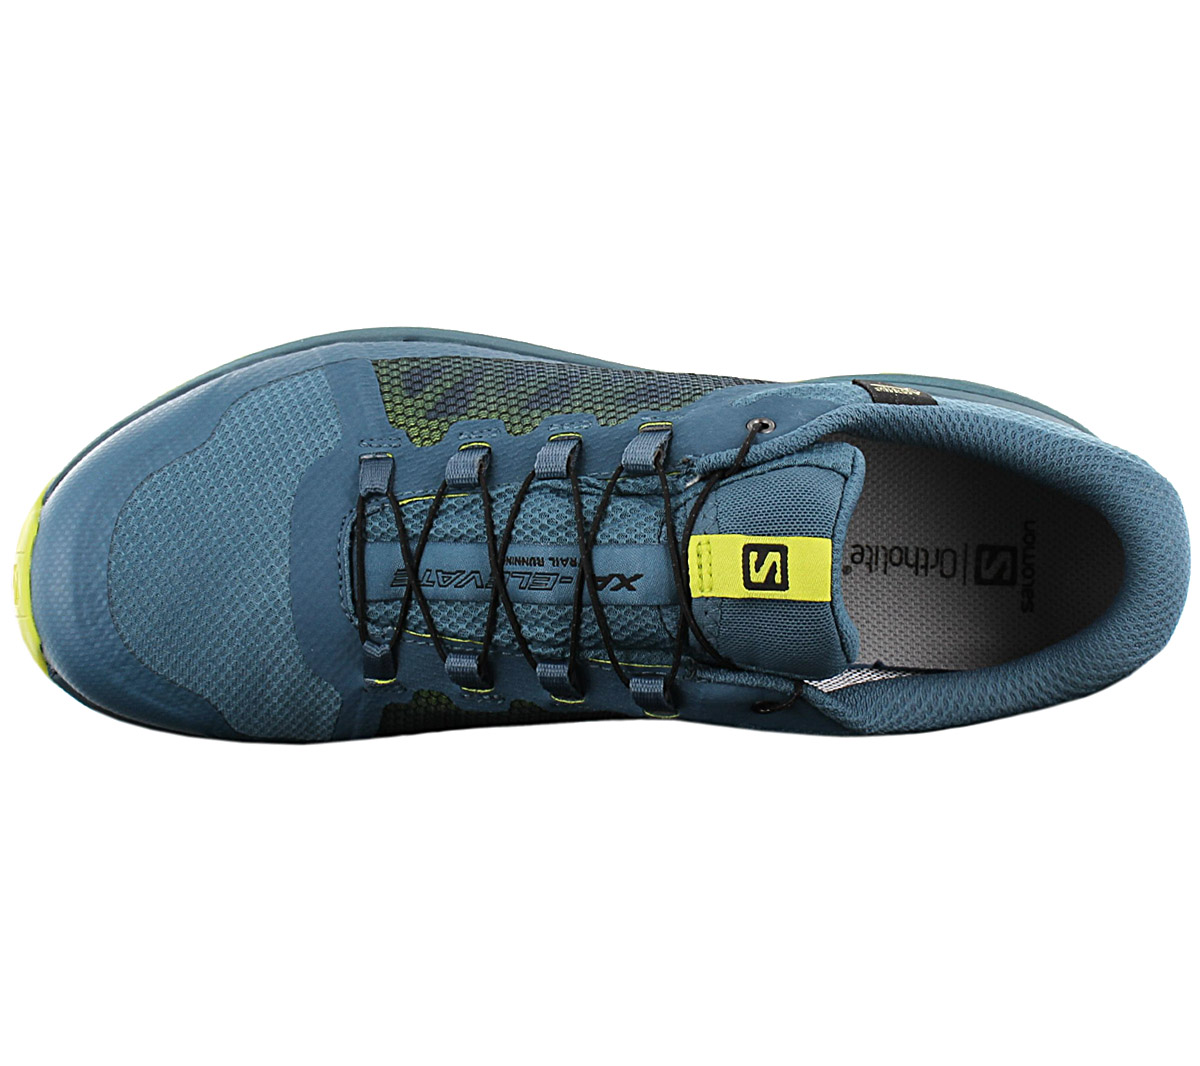 mejores zapatillas salomon para trail running ni�a precio